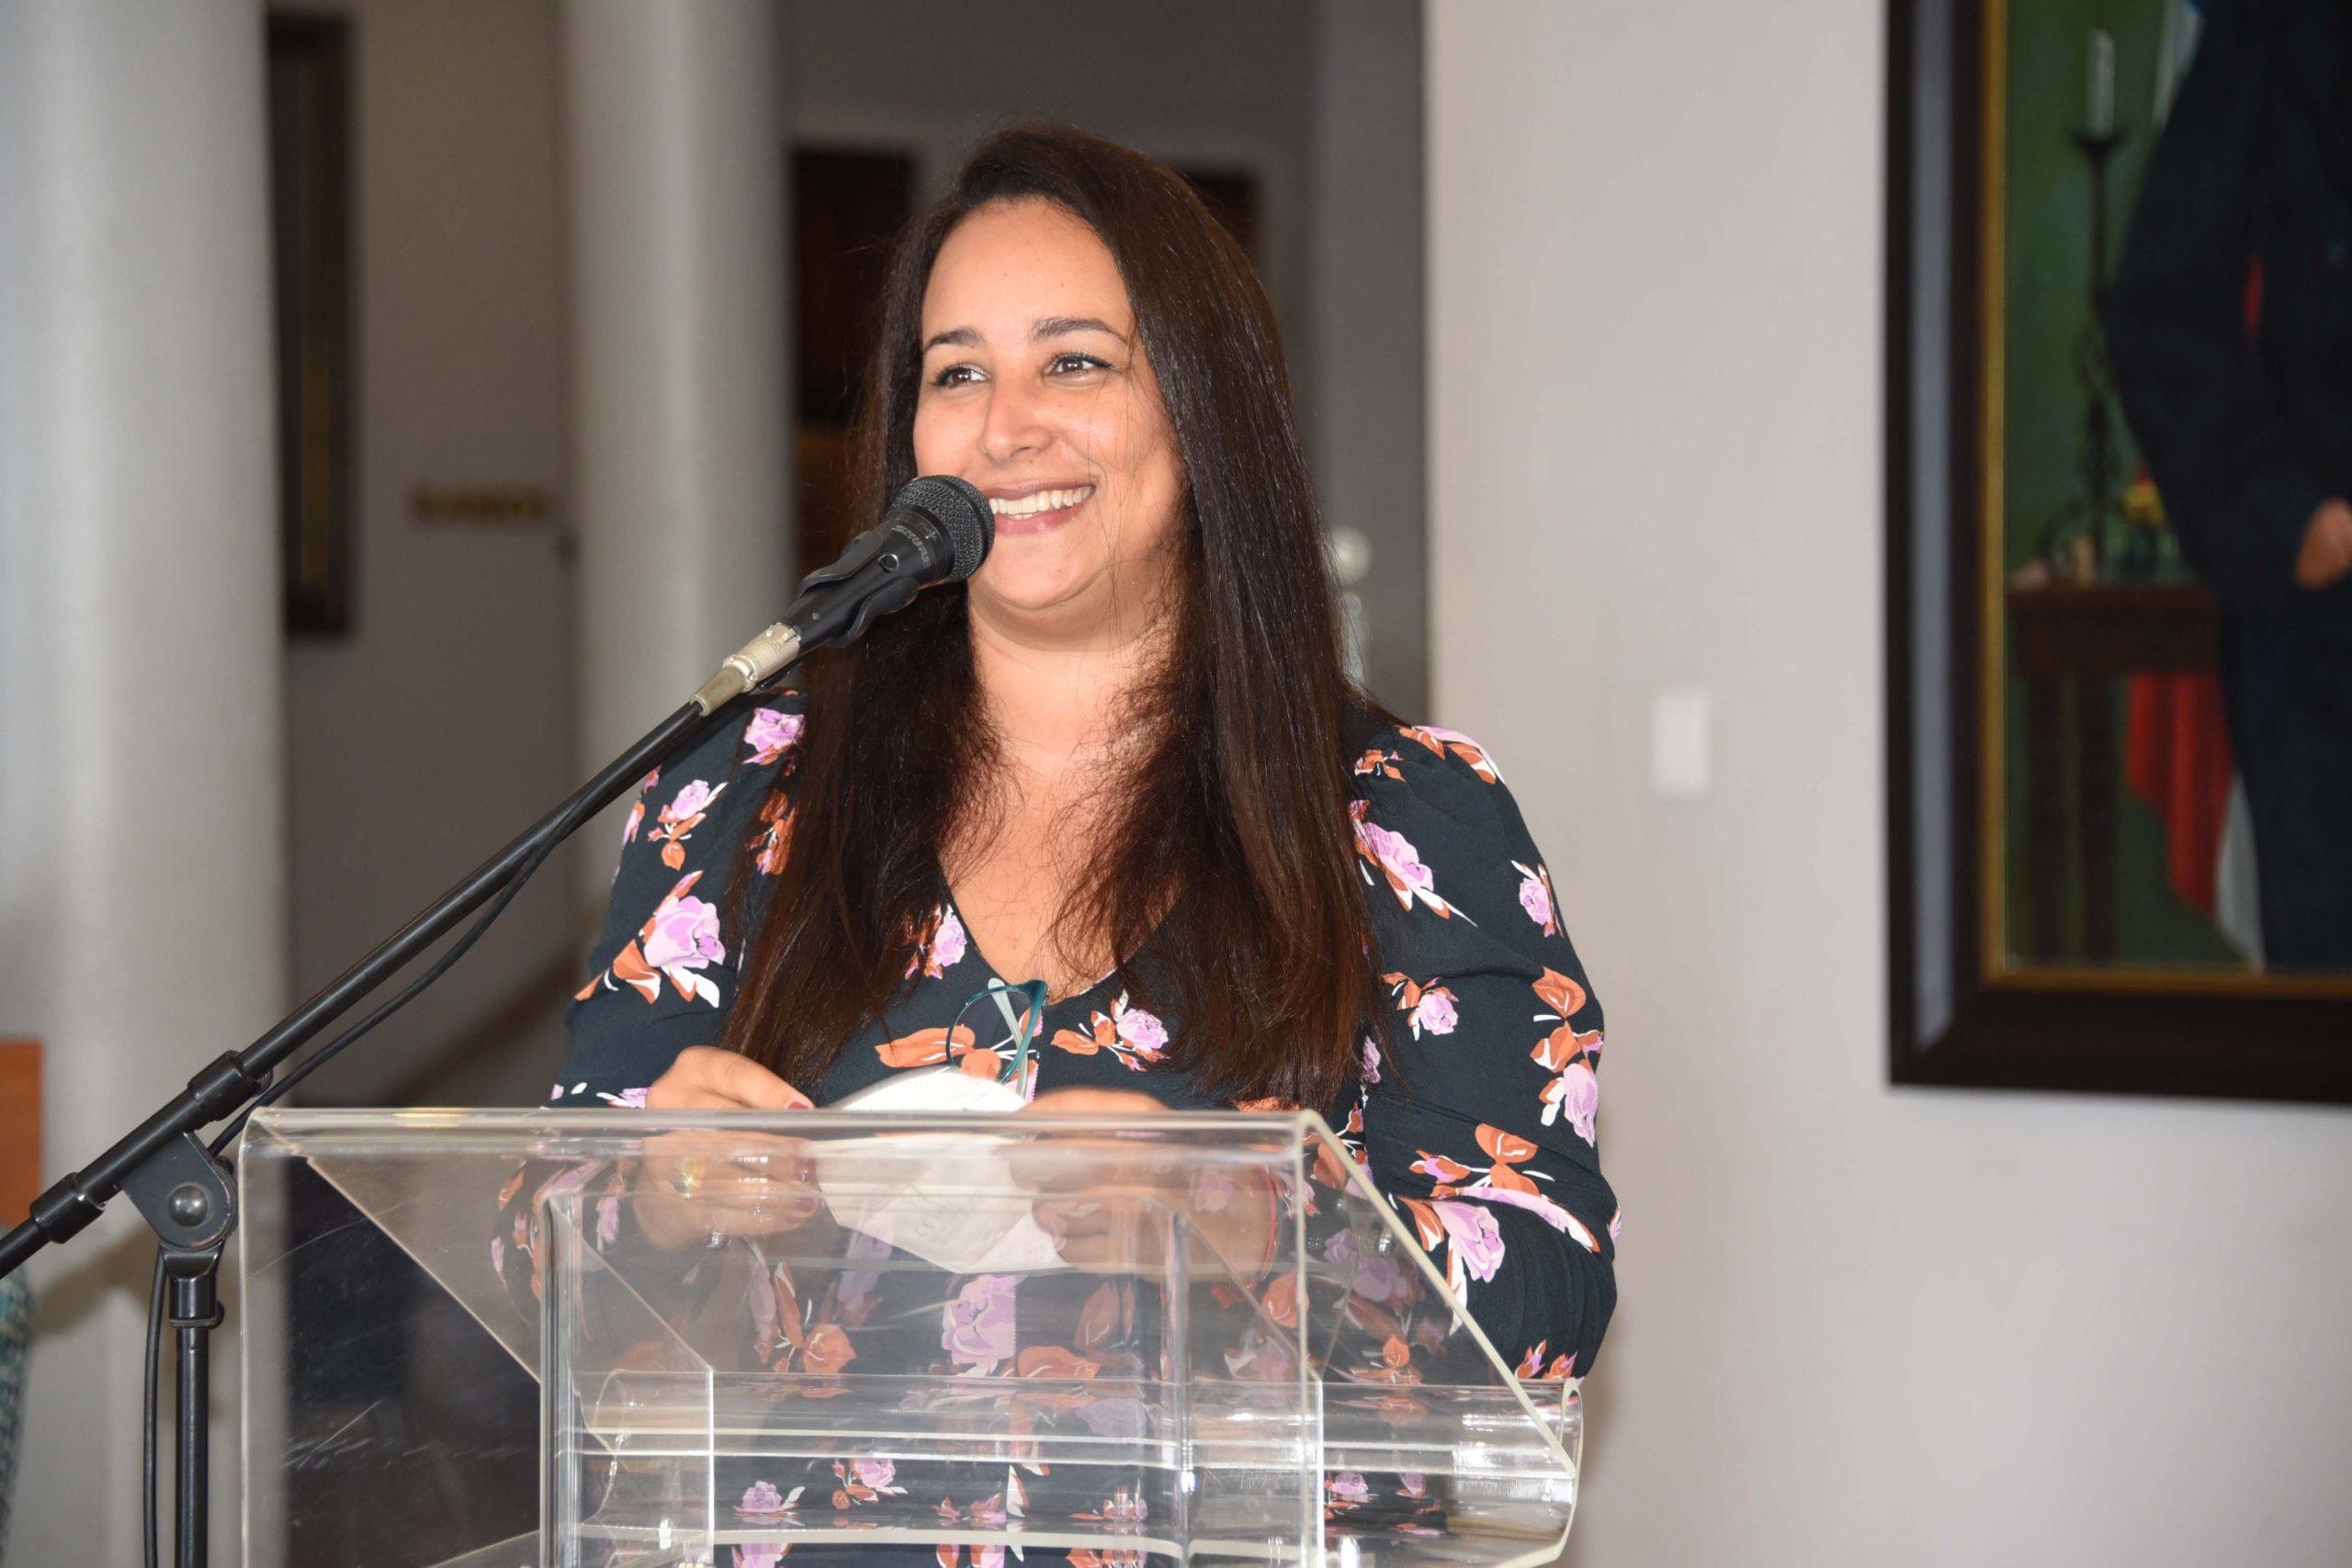 Geraldine de Santis es docente, escritora, traductora e investigadora ítalo-dominicana.